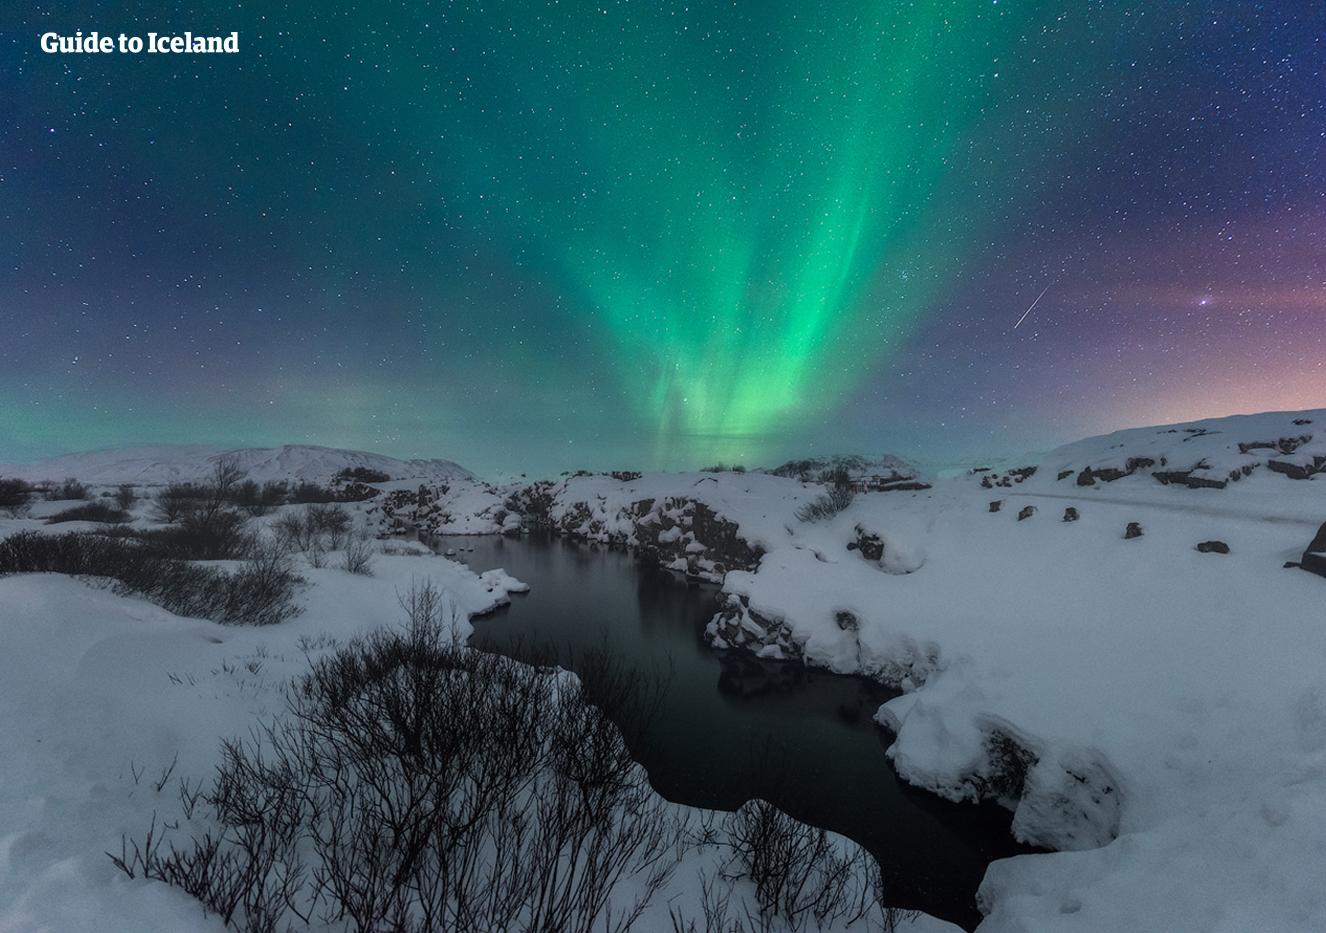 Le parc national de Thingvellir, sous les aurores boréales, est l'endroit idéal pour une sortie snorkeling en Islande.